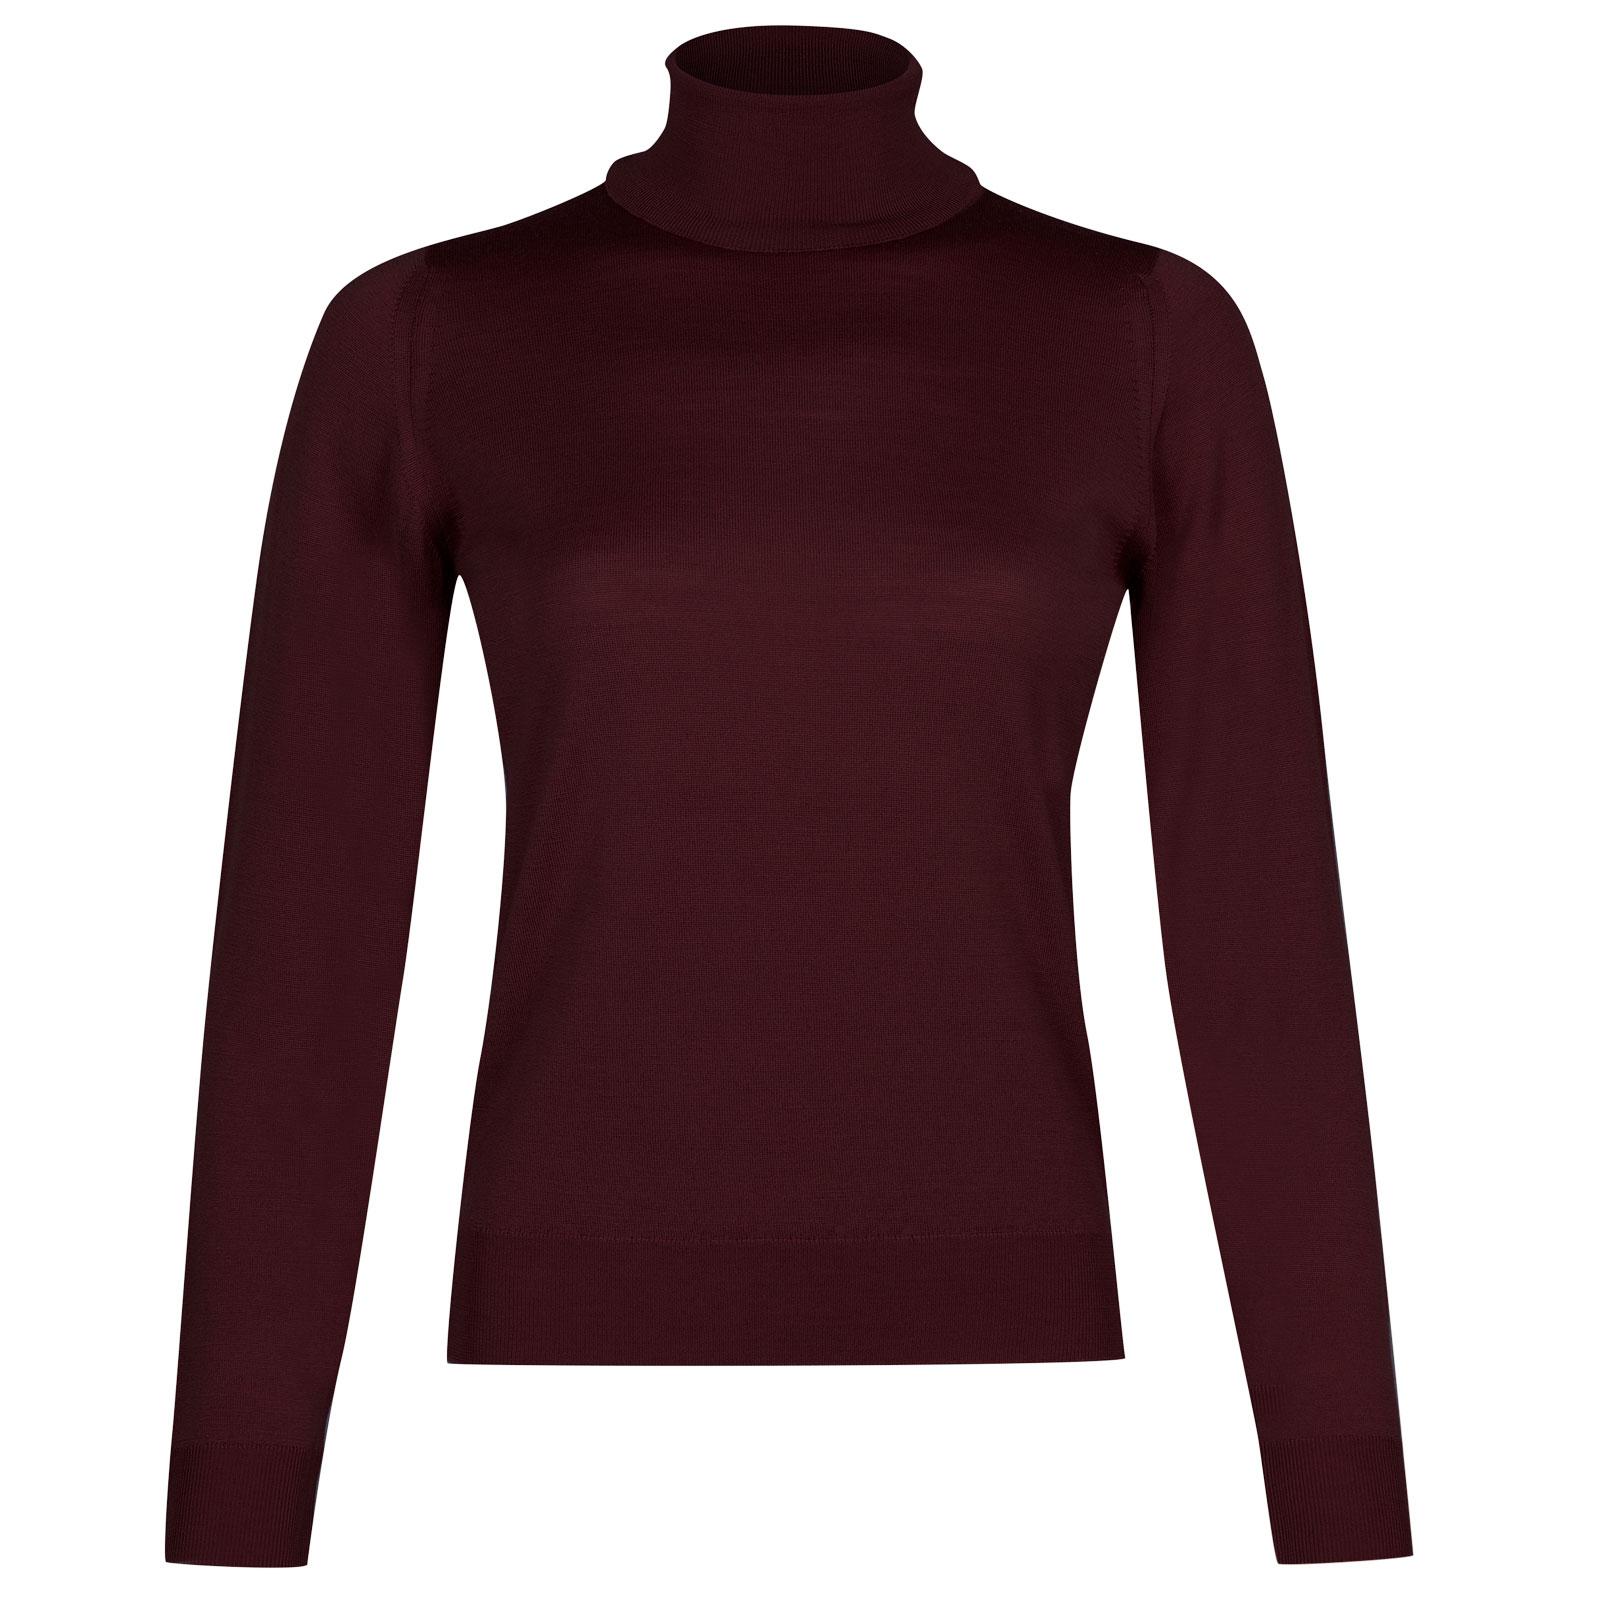 John Smedley siena Merino Wool Sweater in Maroon Blaze-S